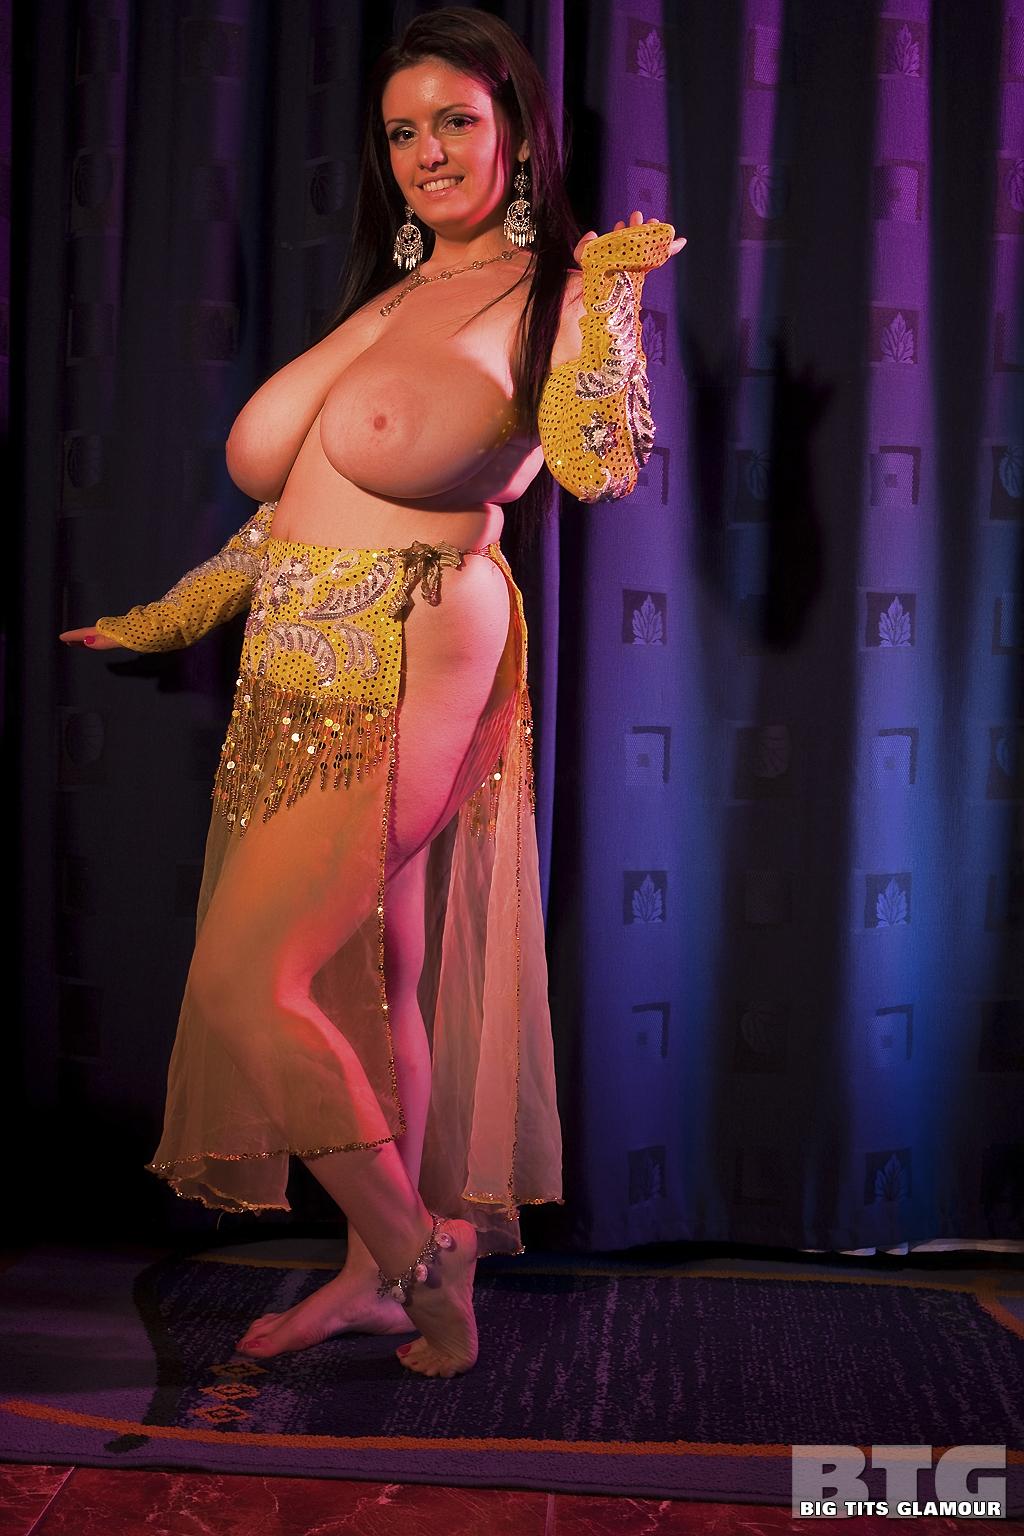 Big tits ass dance